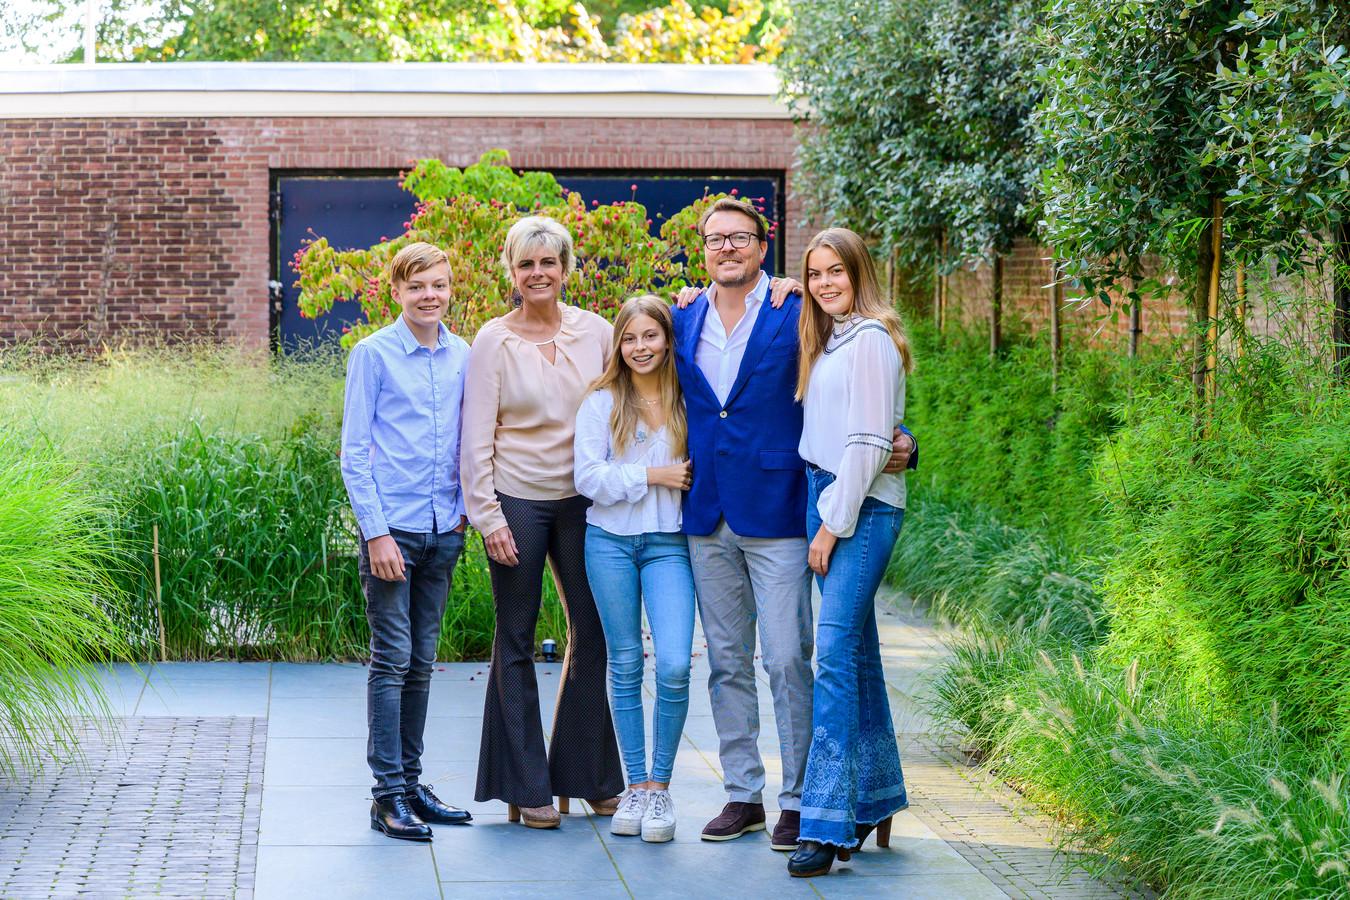 Prins Constantijn, Prinses Laurentien en hun kinderen Claus Casimir, Leonore en Eloise.